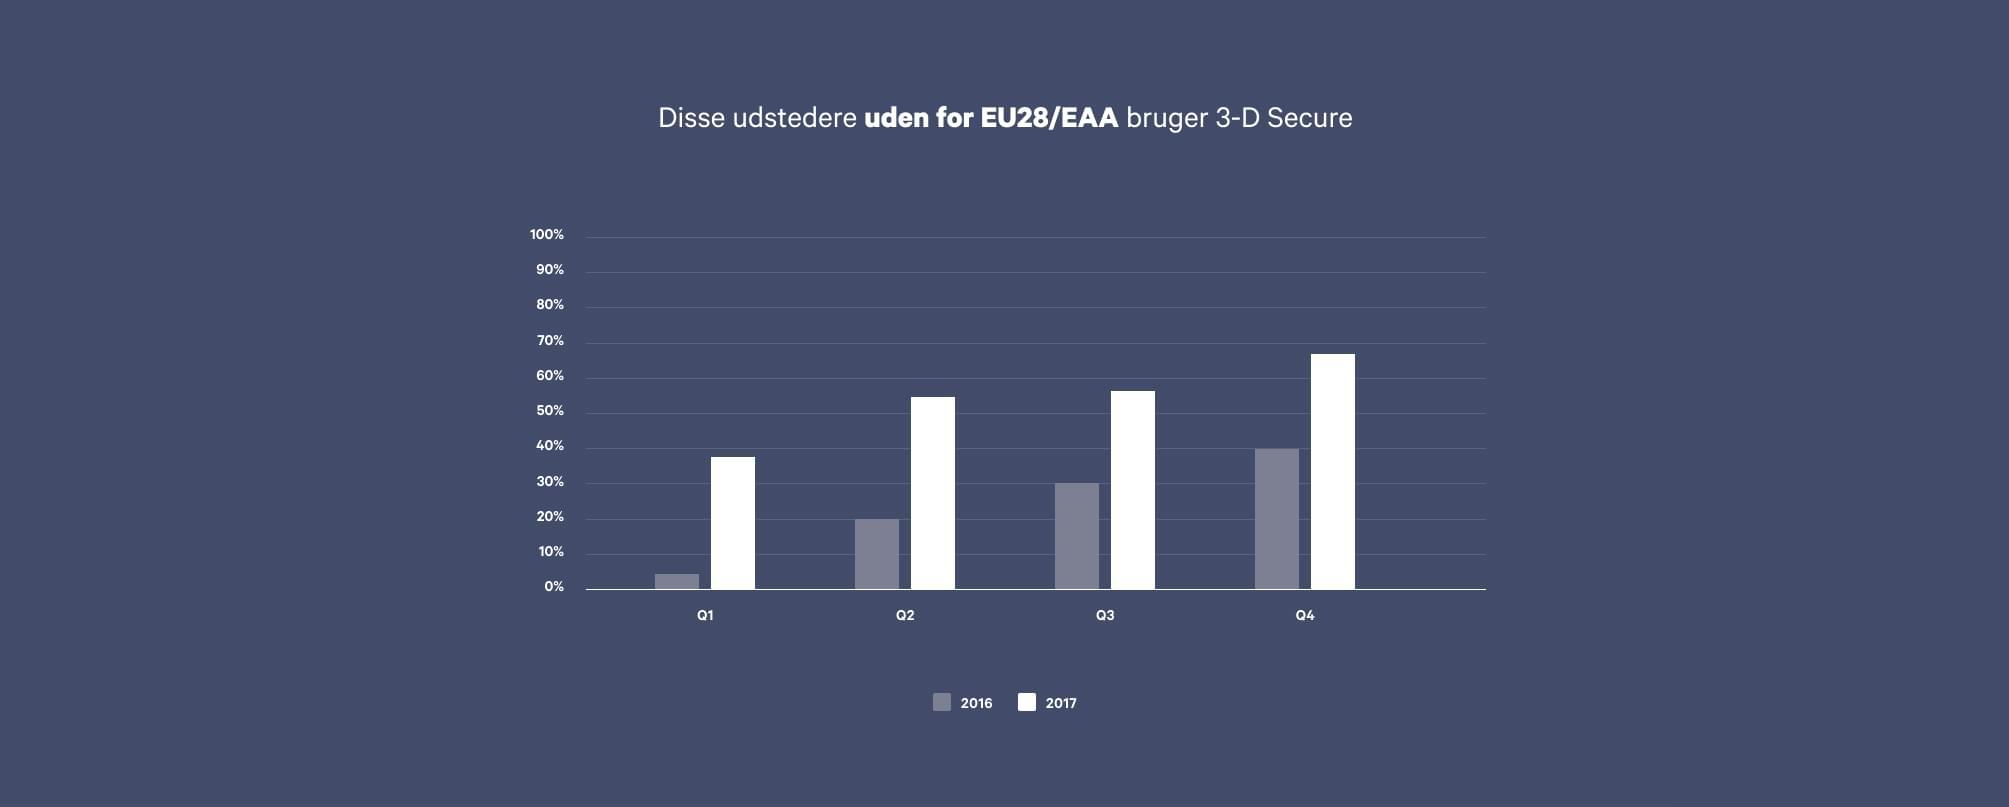 Graf over andelen af banker uden for EU, som understøtter 3-D Secure